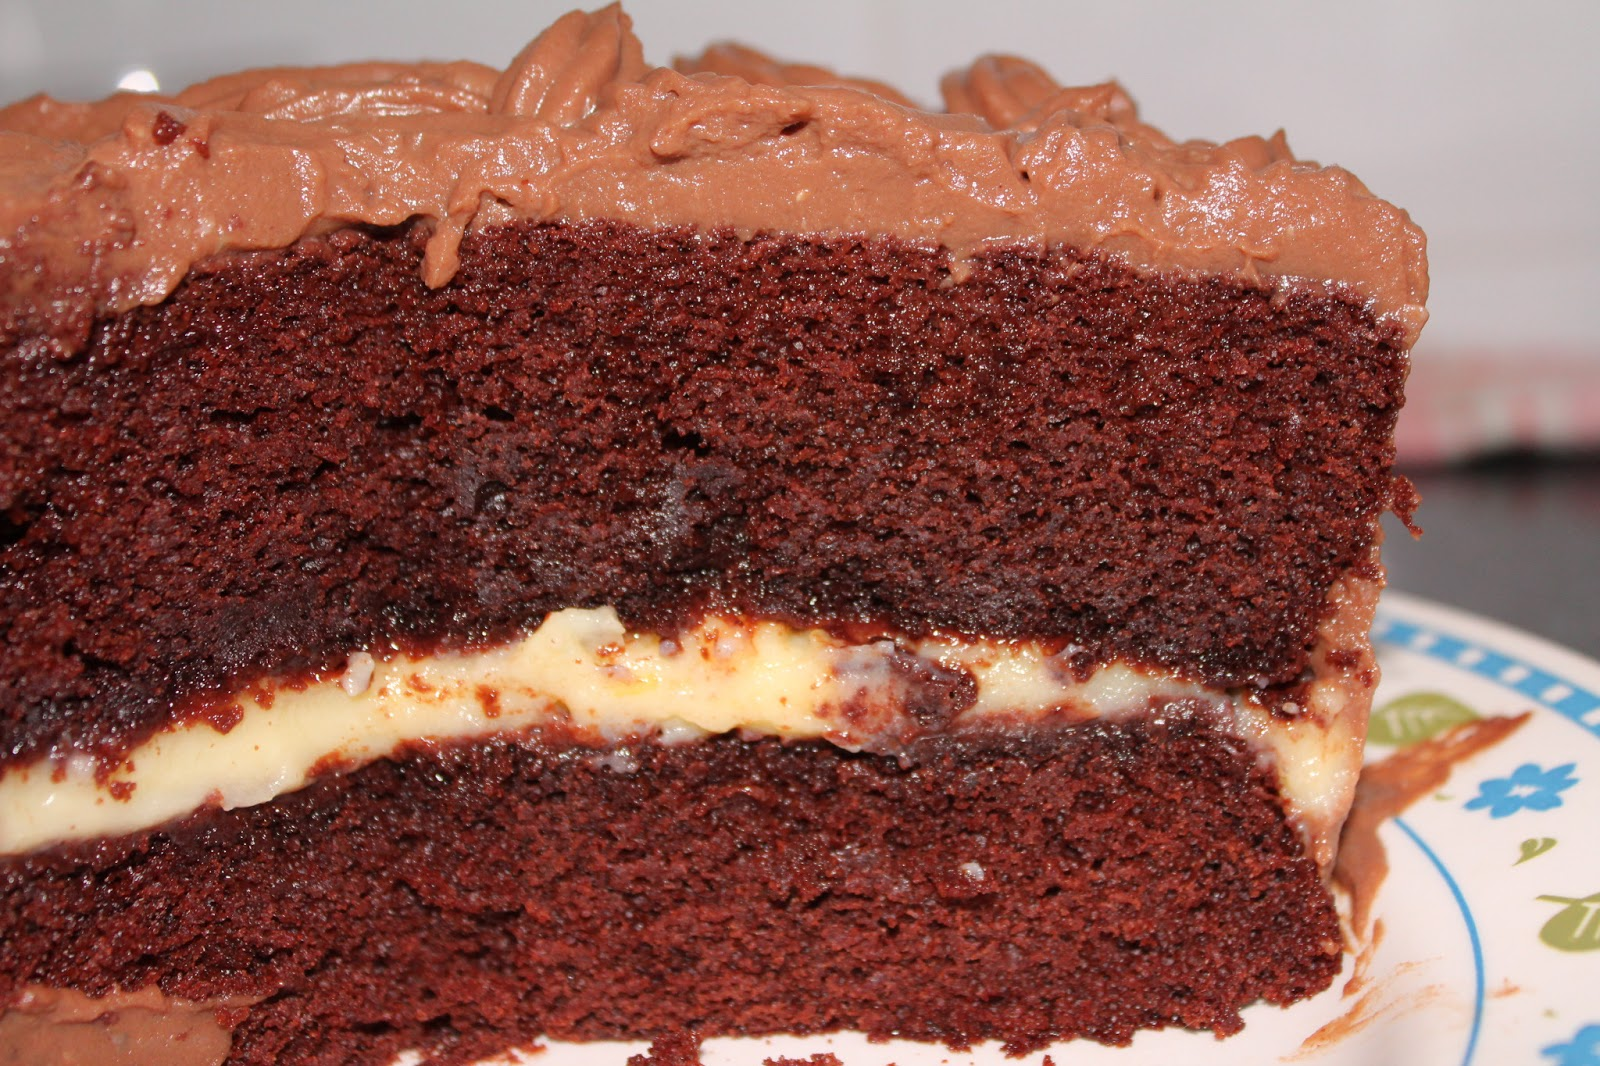 receta de bizcocho de chocolate relleno de nata y